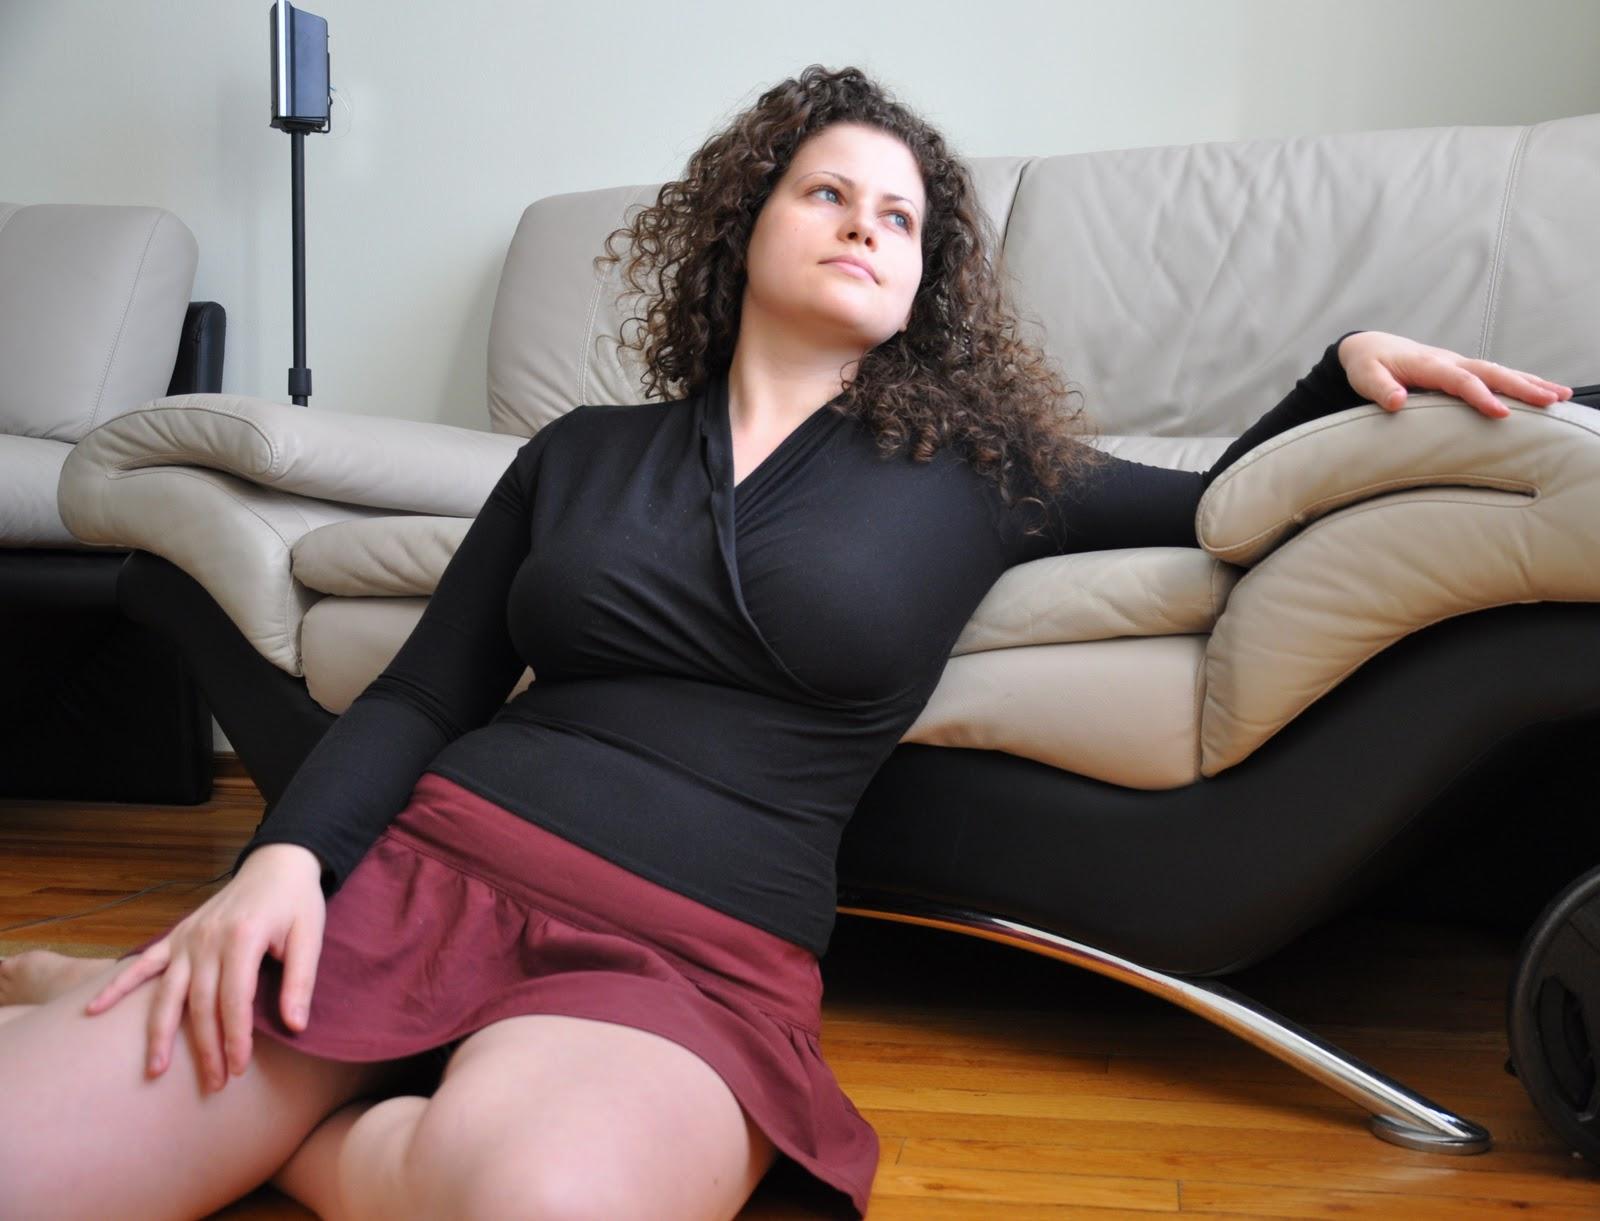 Секс красивая толстуха, Порно толстушки - секс толстушки и порно полных 3 фотография